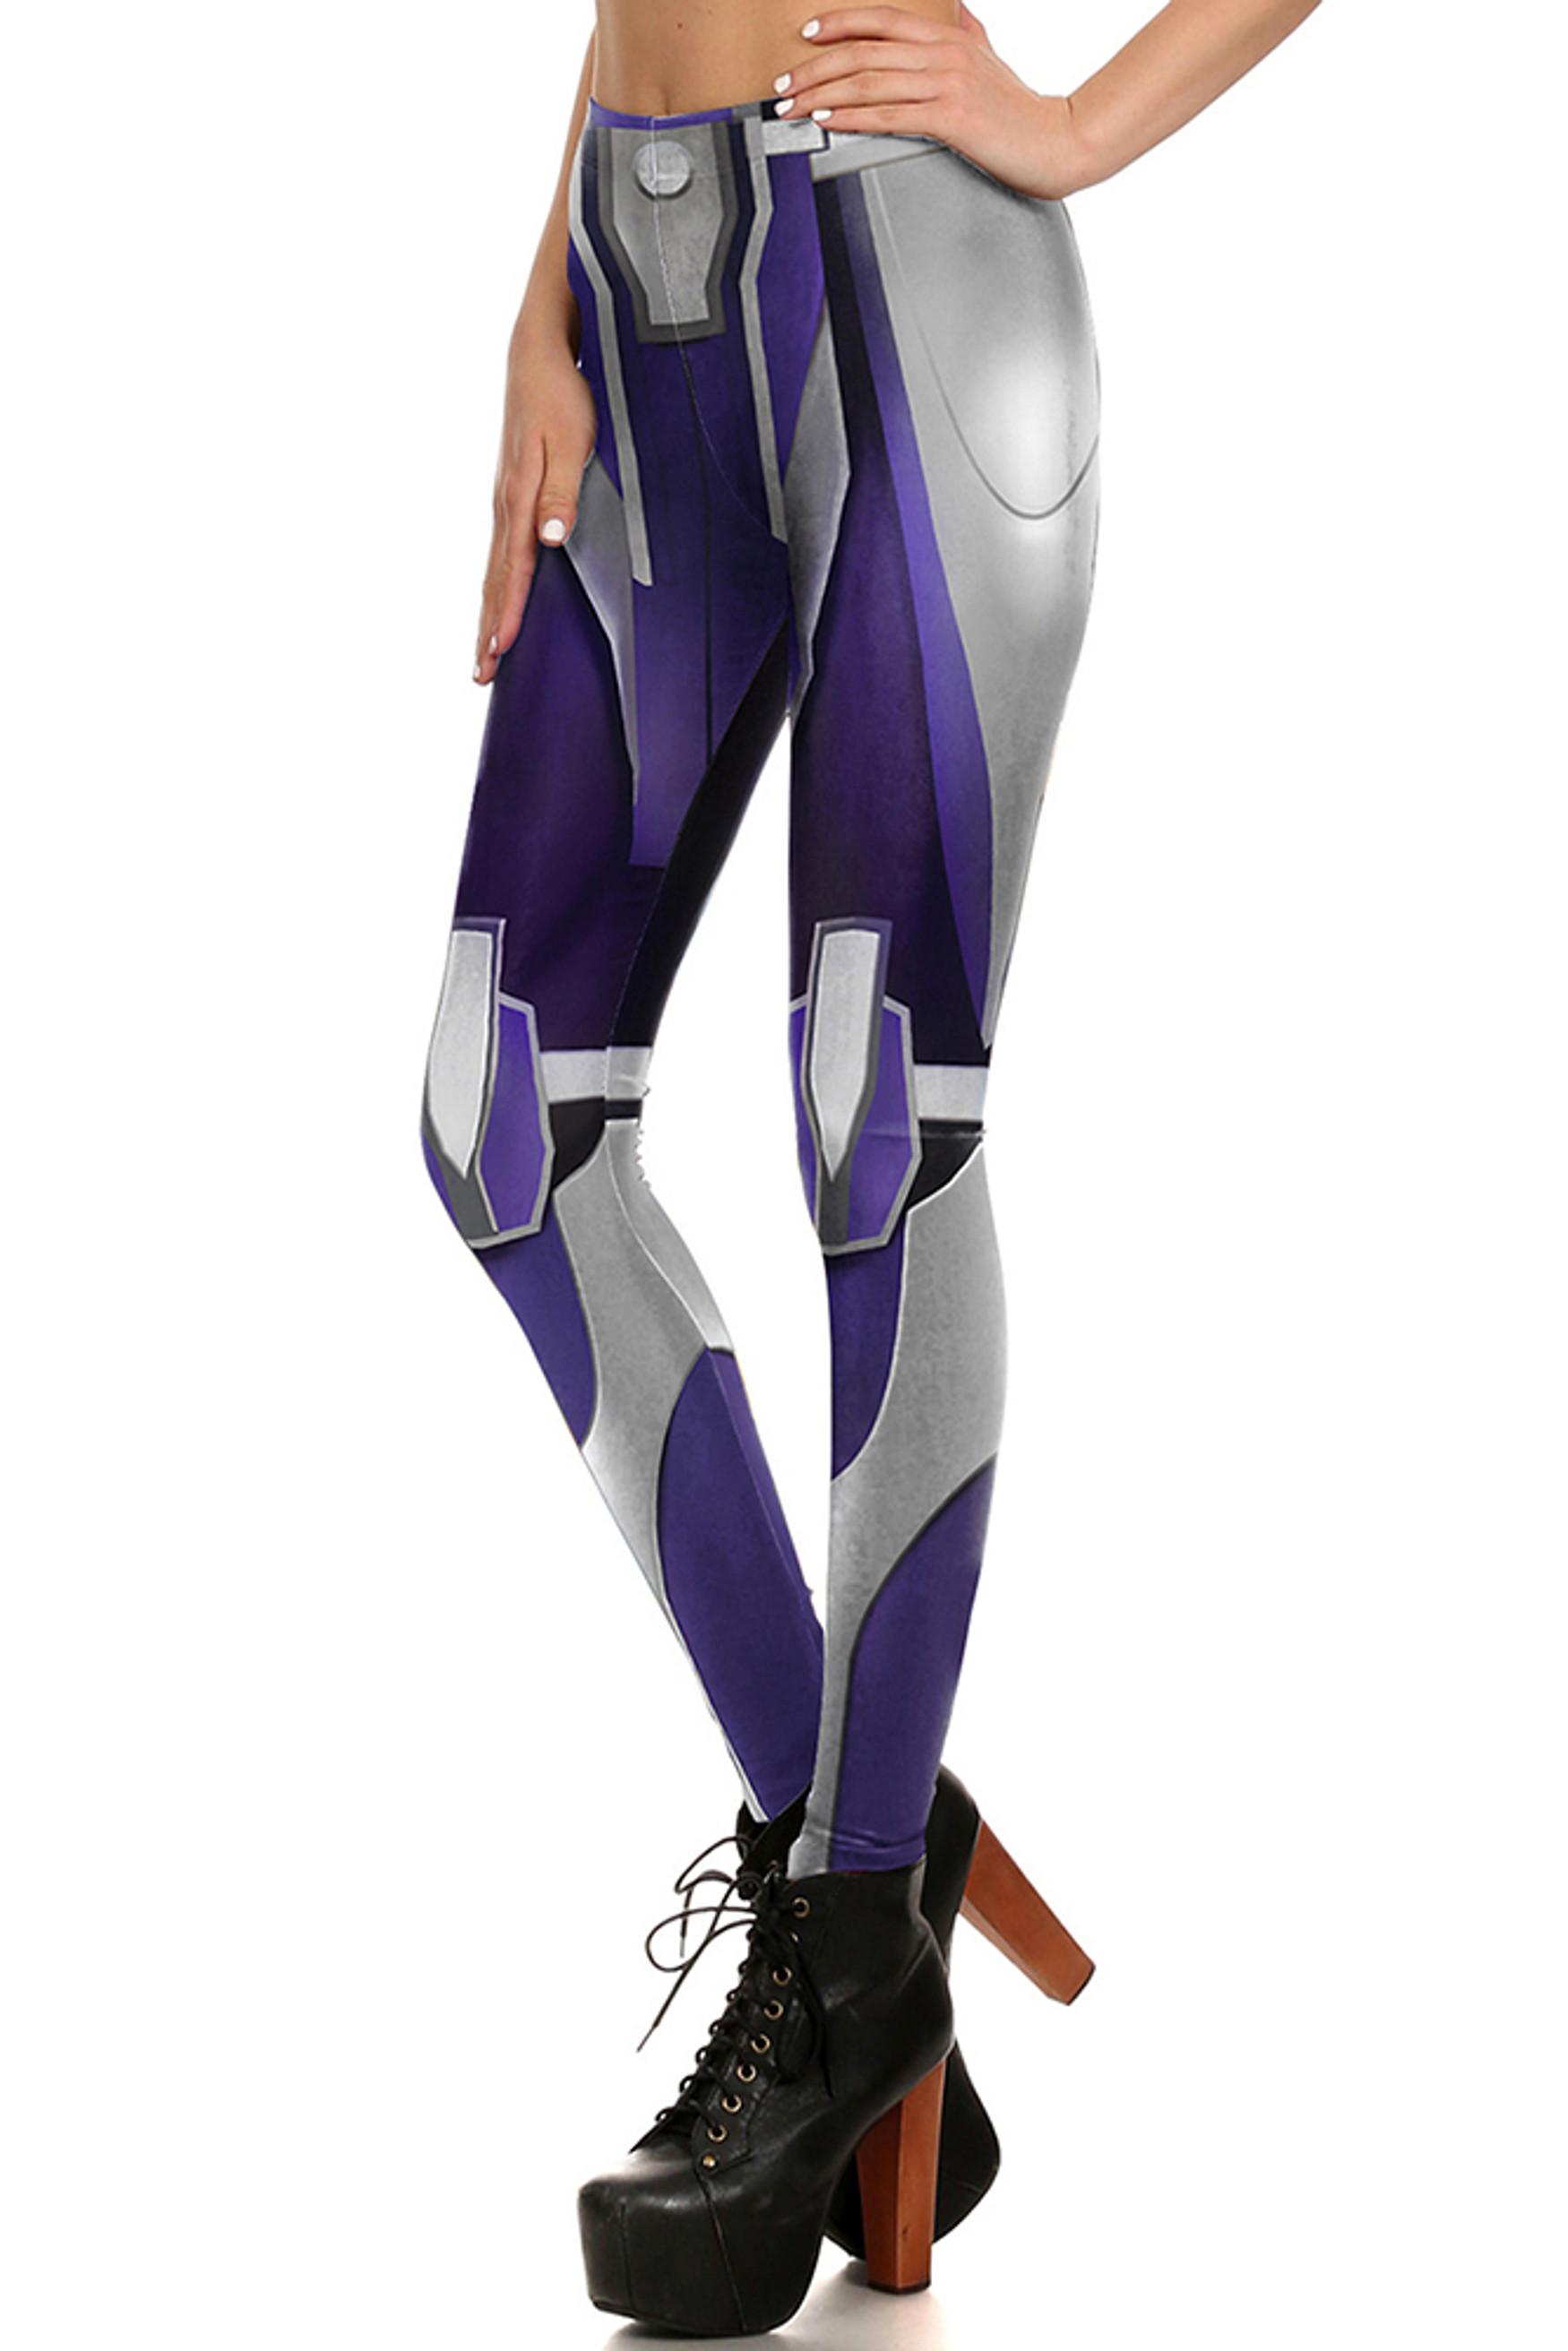 Babeland Bot Leggings